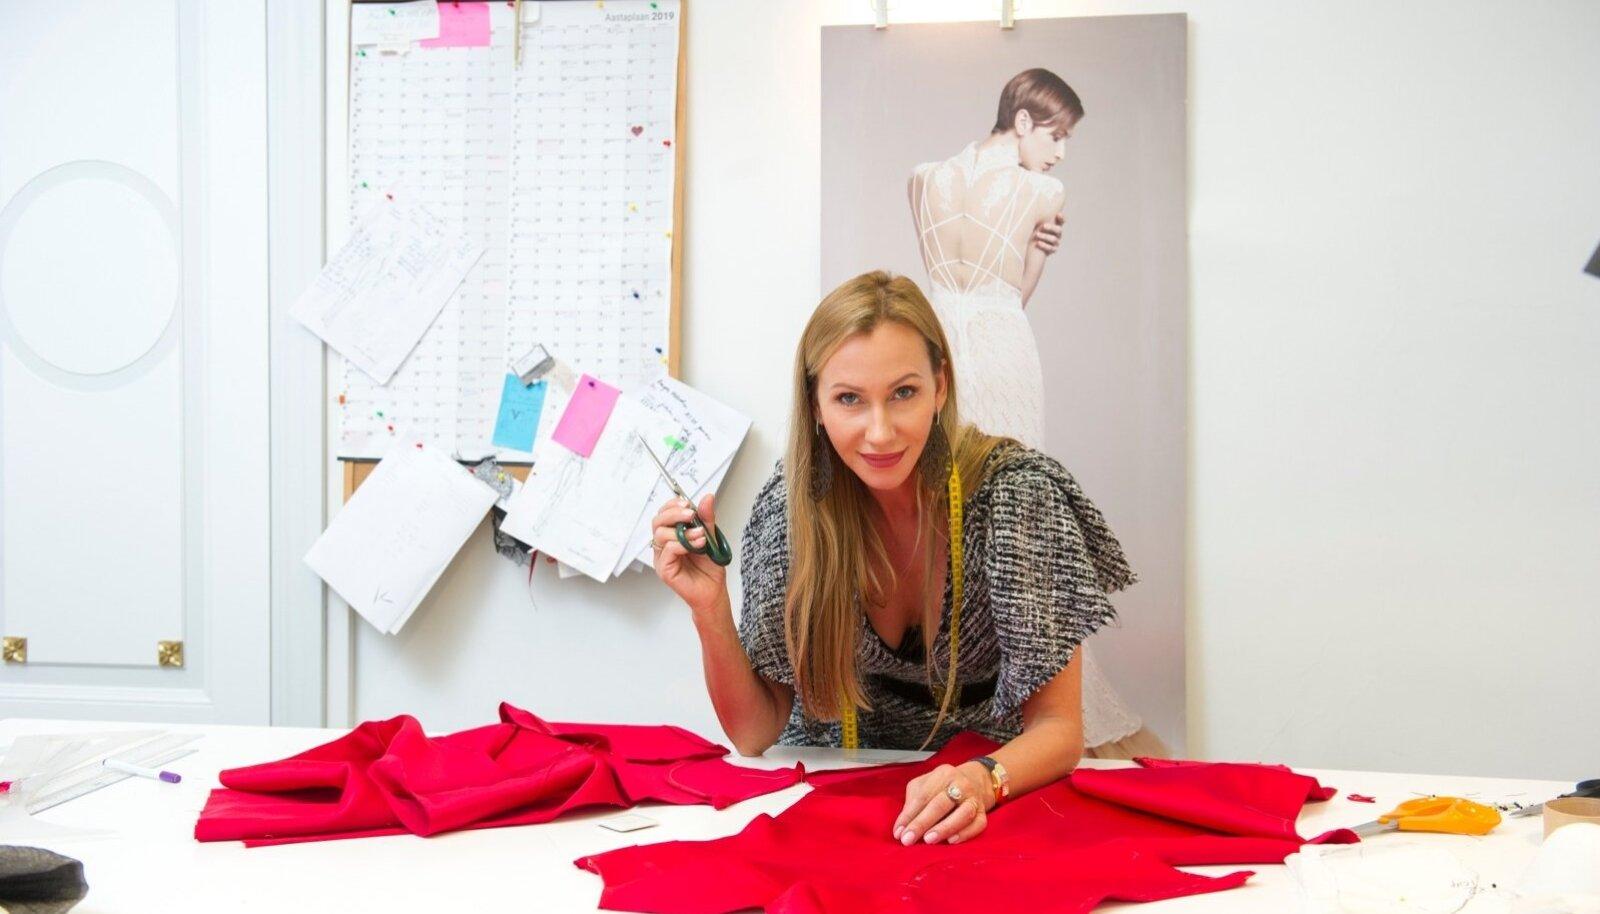 KÄÄRID PIHUS: Kristinale meeldib ateljees kohal olla, kui kleidid välja lõigatakse.